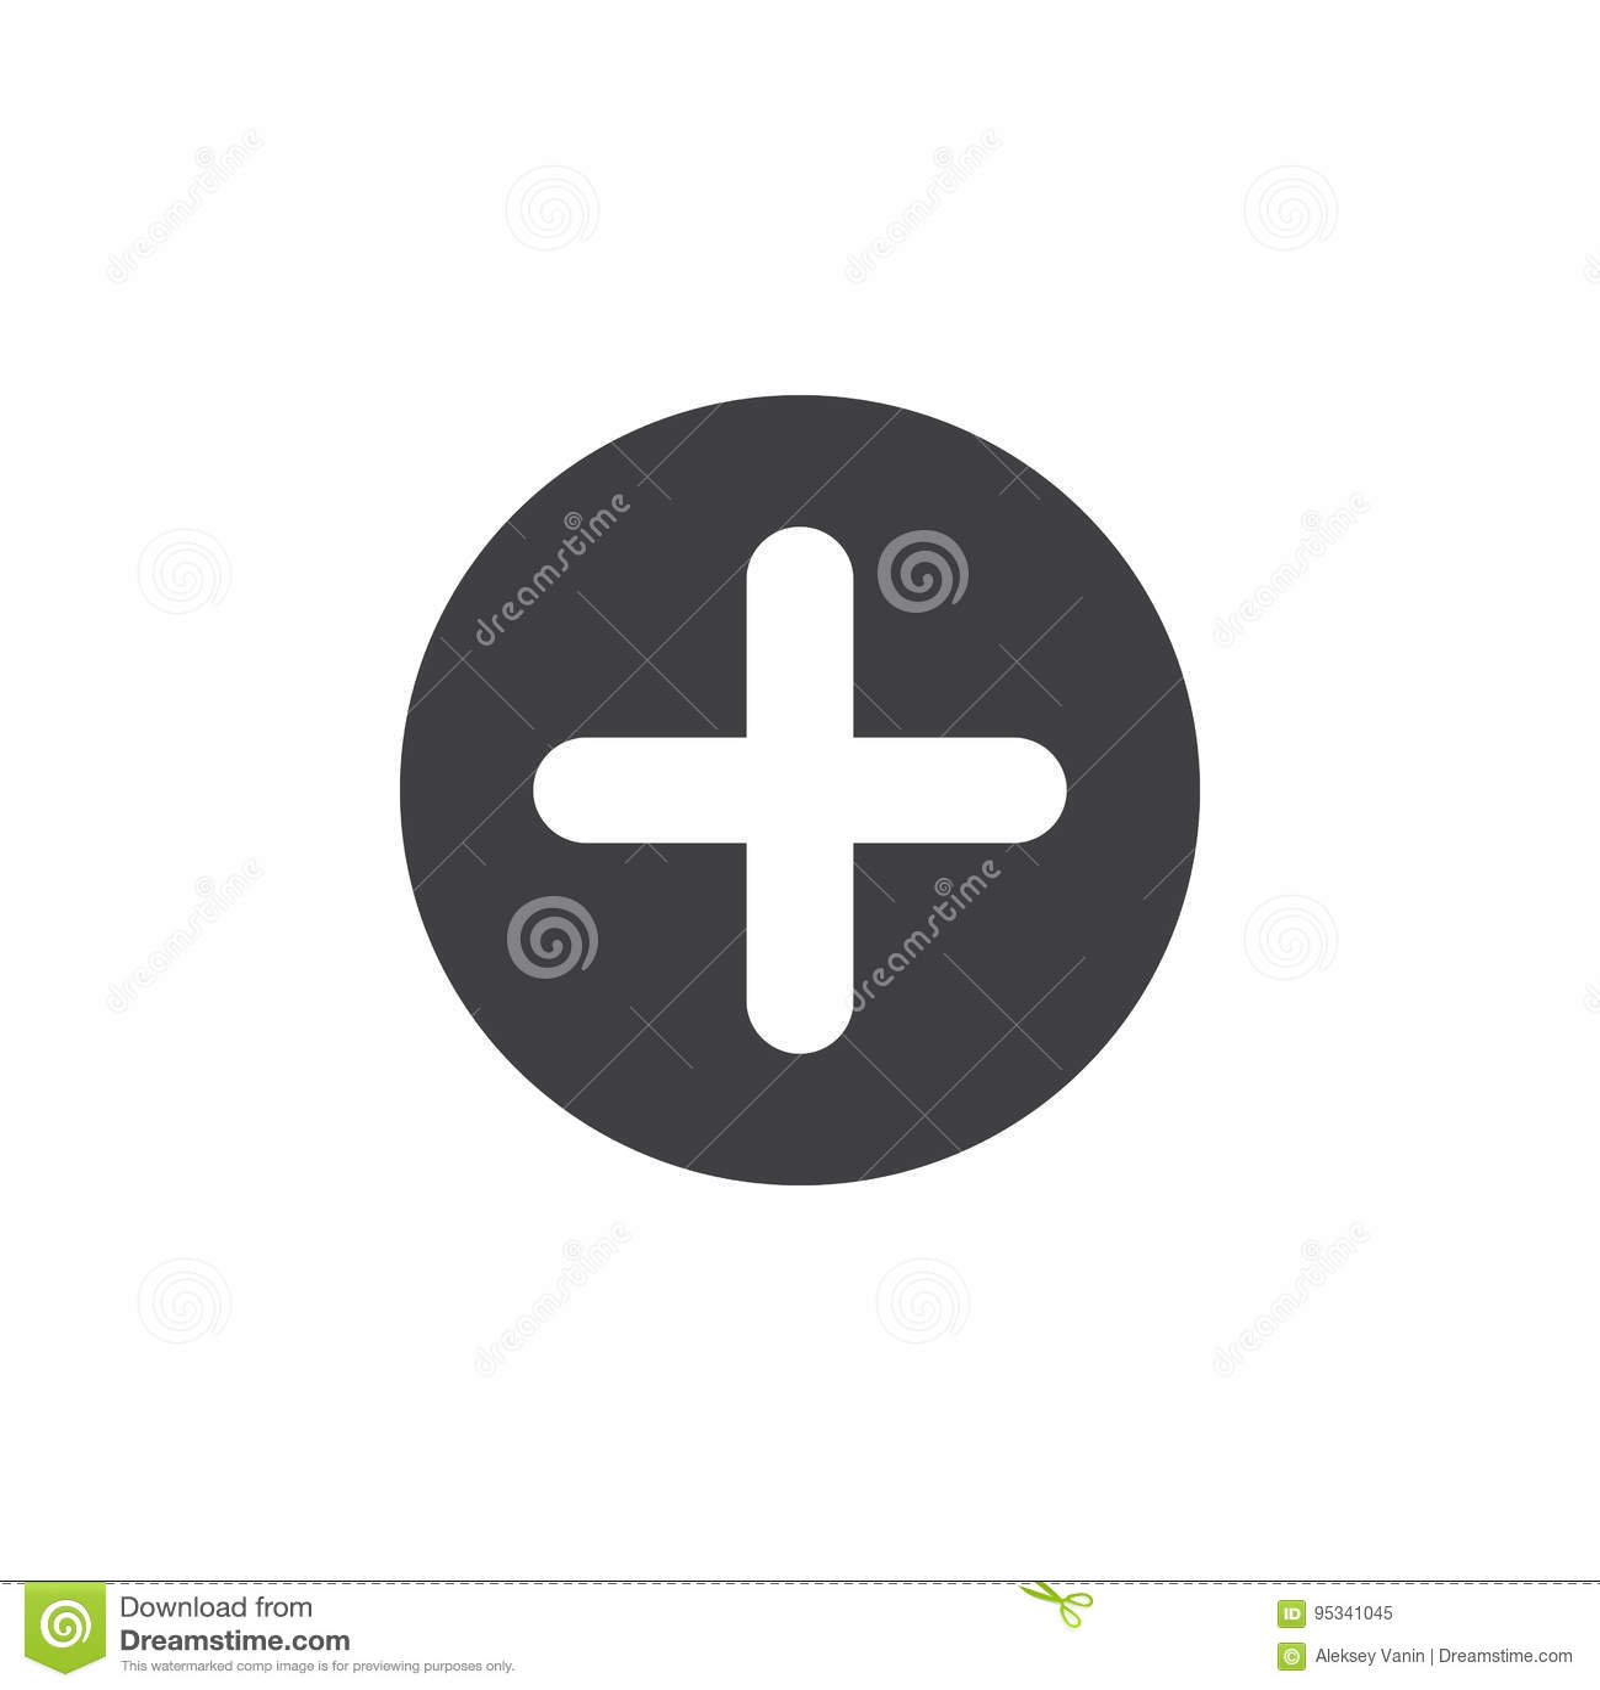 El más, añade el icono plano Botón simple redondo cruzado, muestra circular del vector